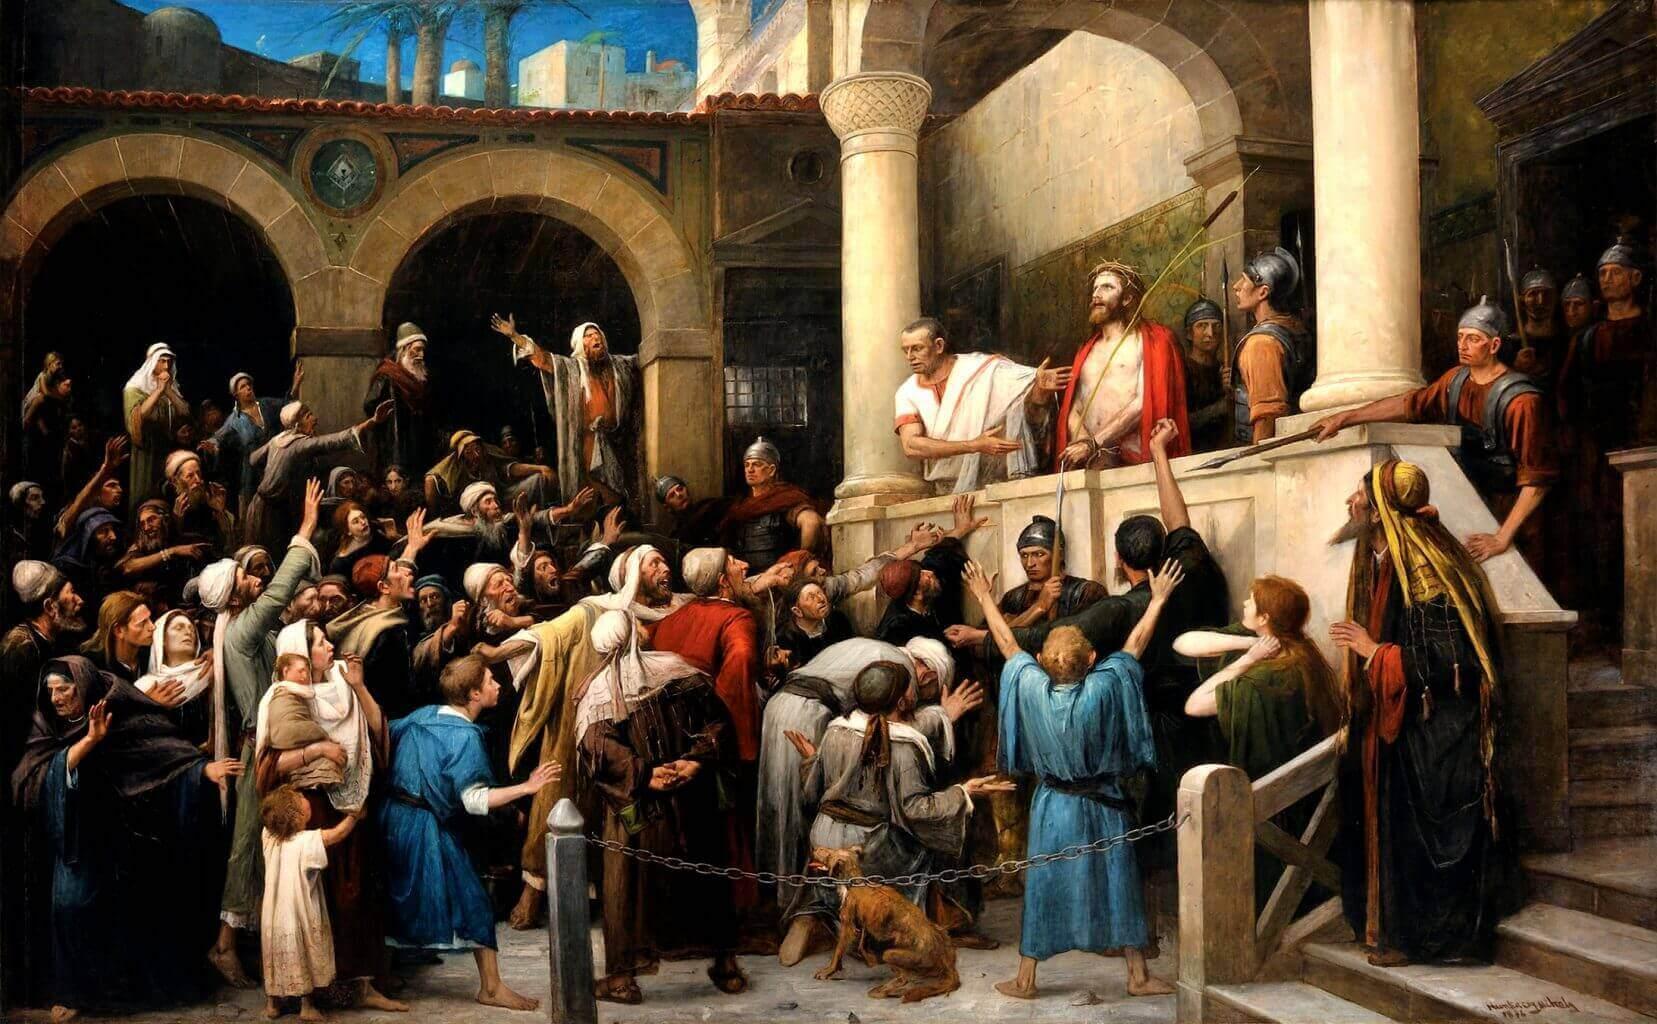 Barabbas of Jezus - Mediteren over de Passie van onze Heer Jezus Christus